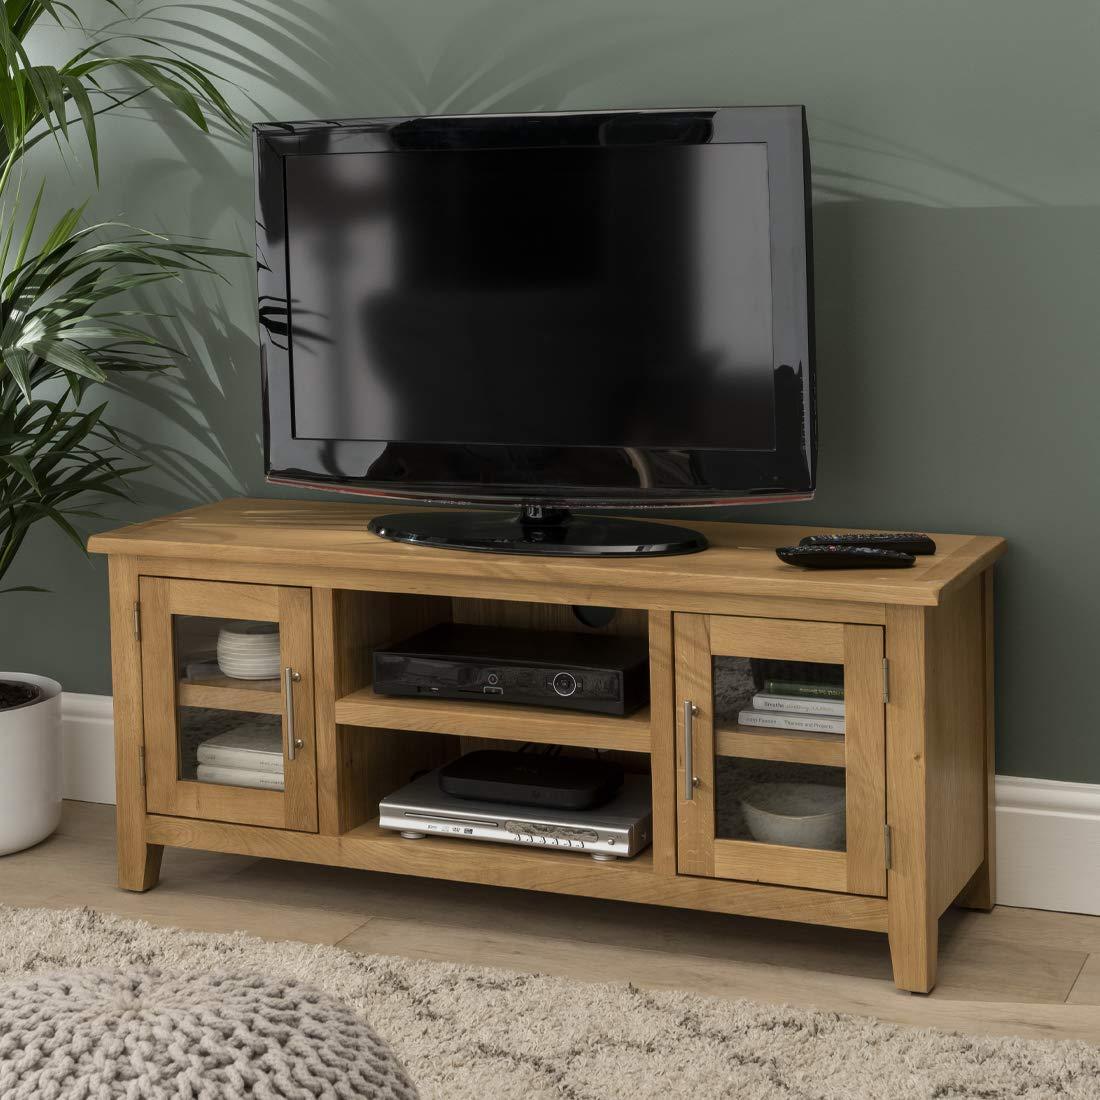 Nebraska Oak - Mueble grande para TV de plasma, DVD y vídeo - Montado: Amazon.es: Hogar